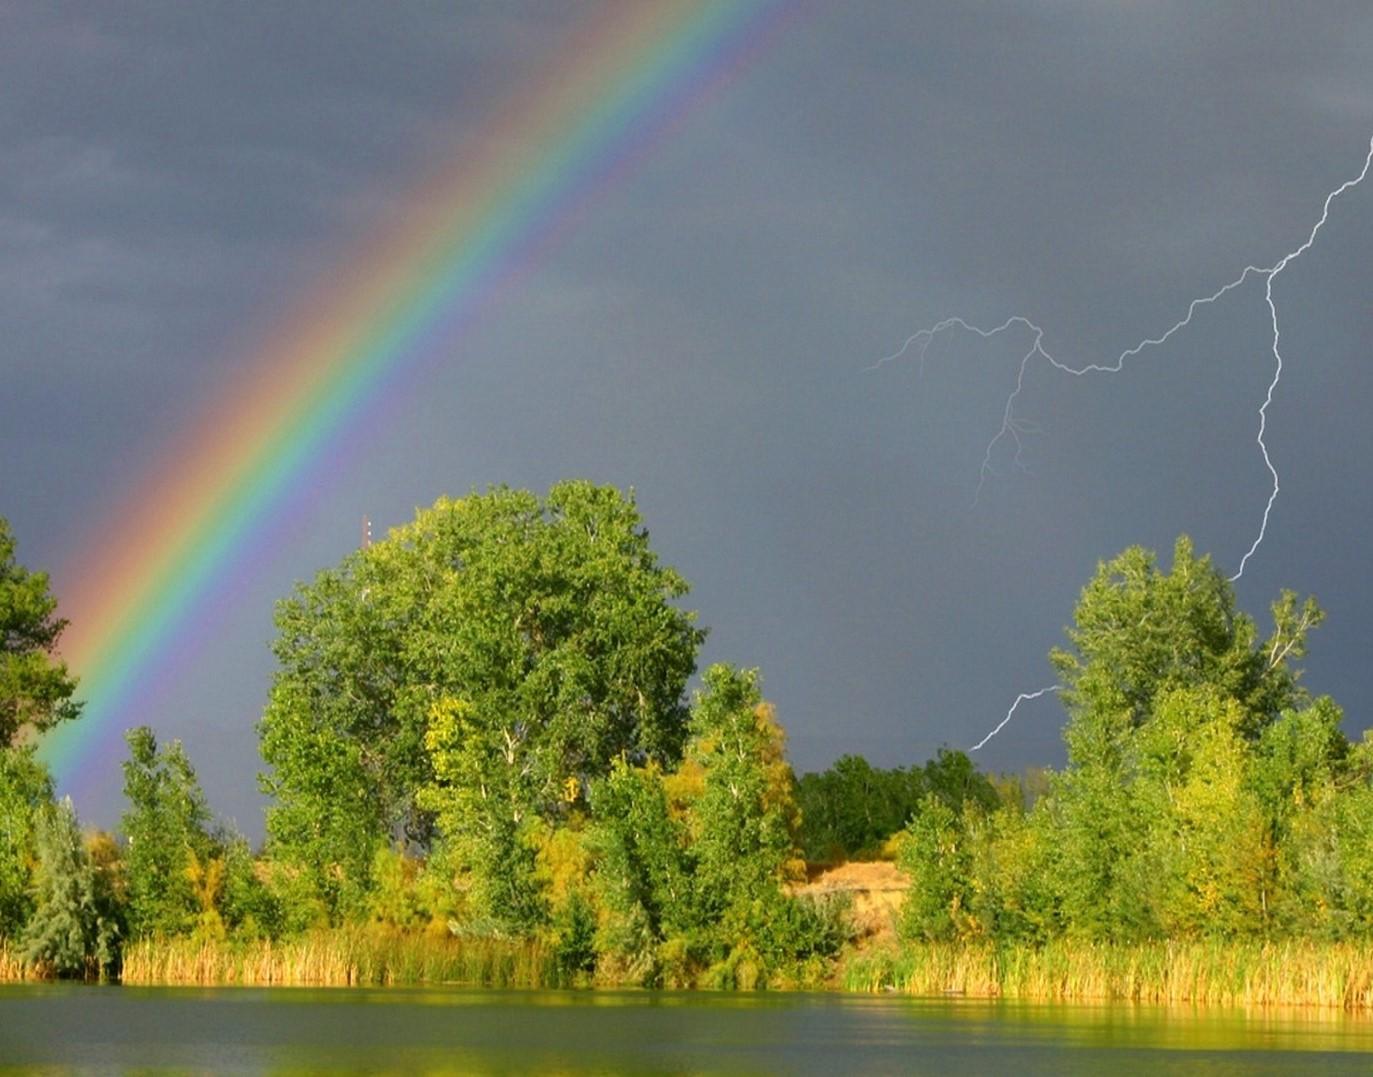 rainbow after rain 1